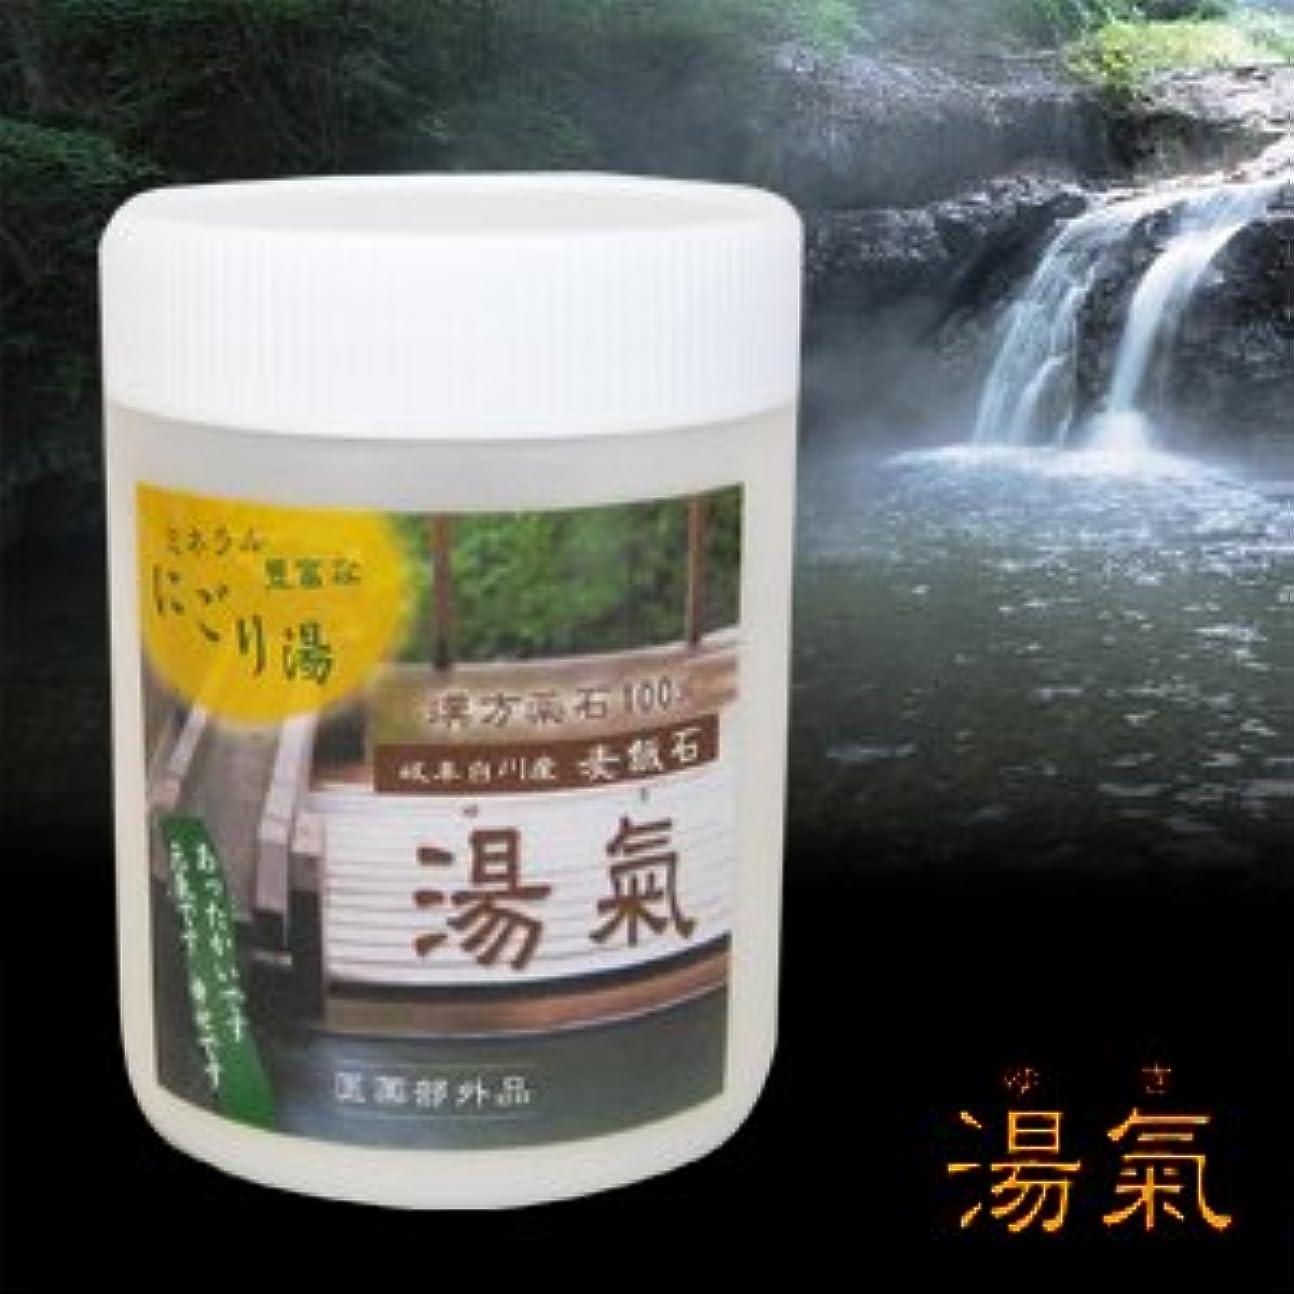 メッセージ一月かすかな【医薬部外品】岐阜県白川産麦飯石 湯氣 (浴用剤)